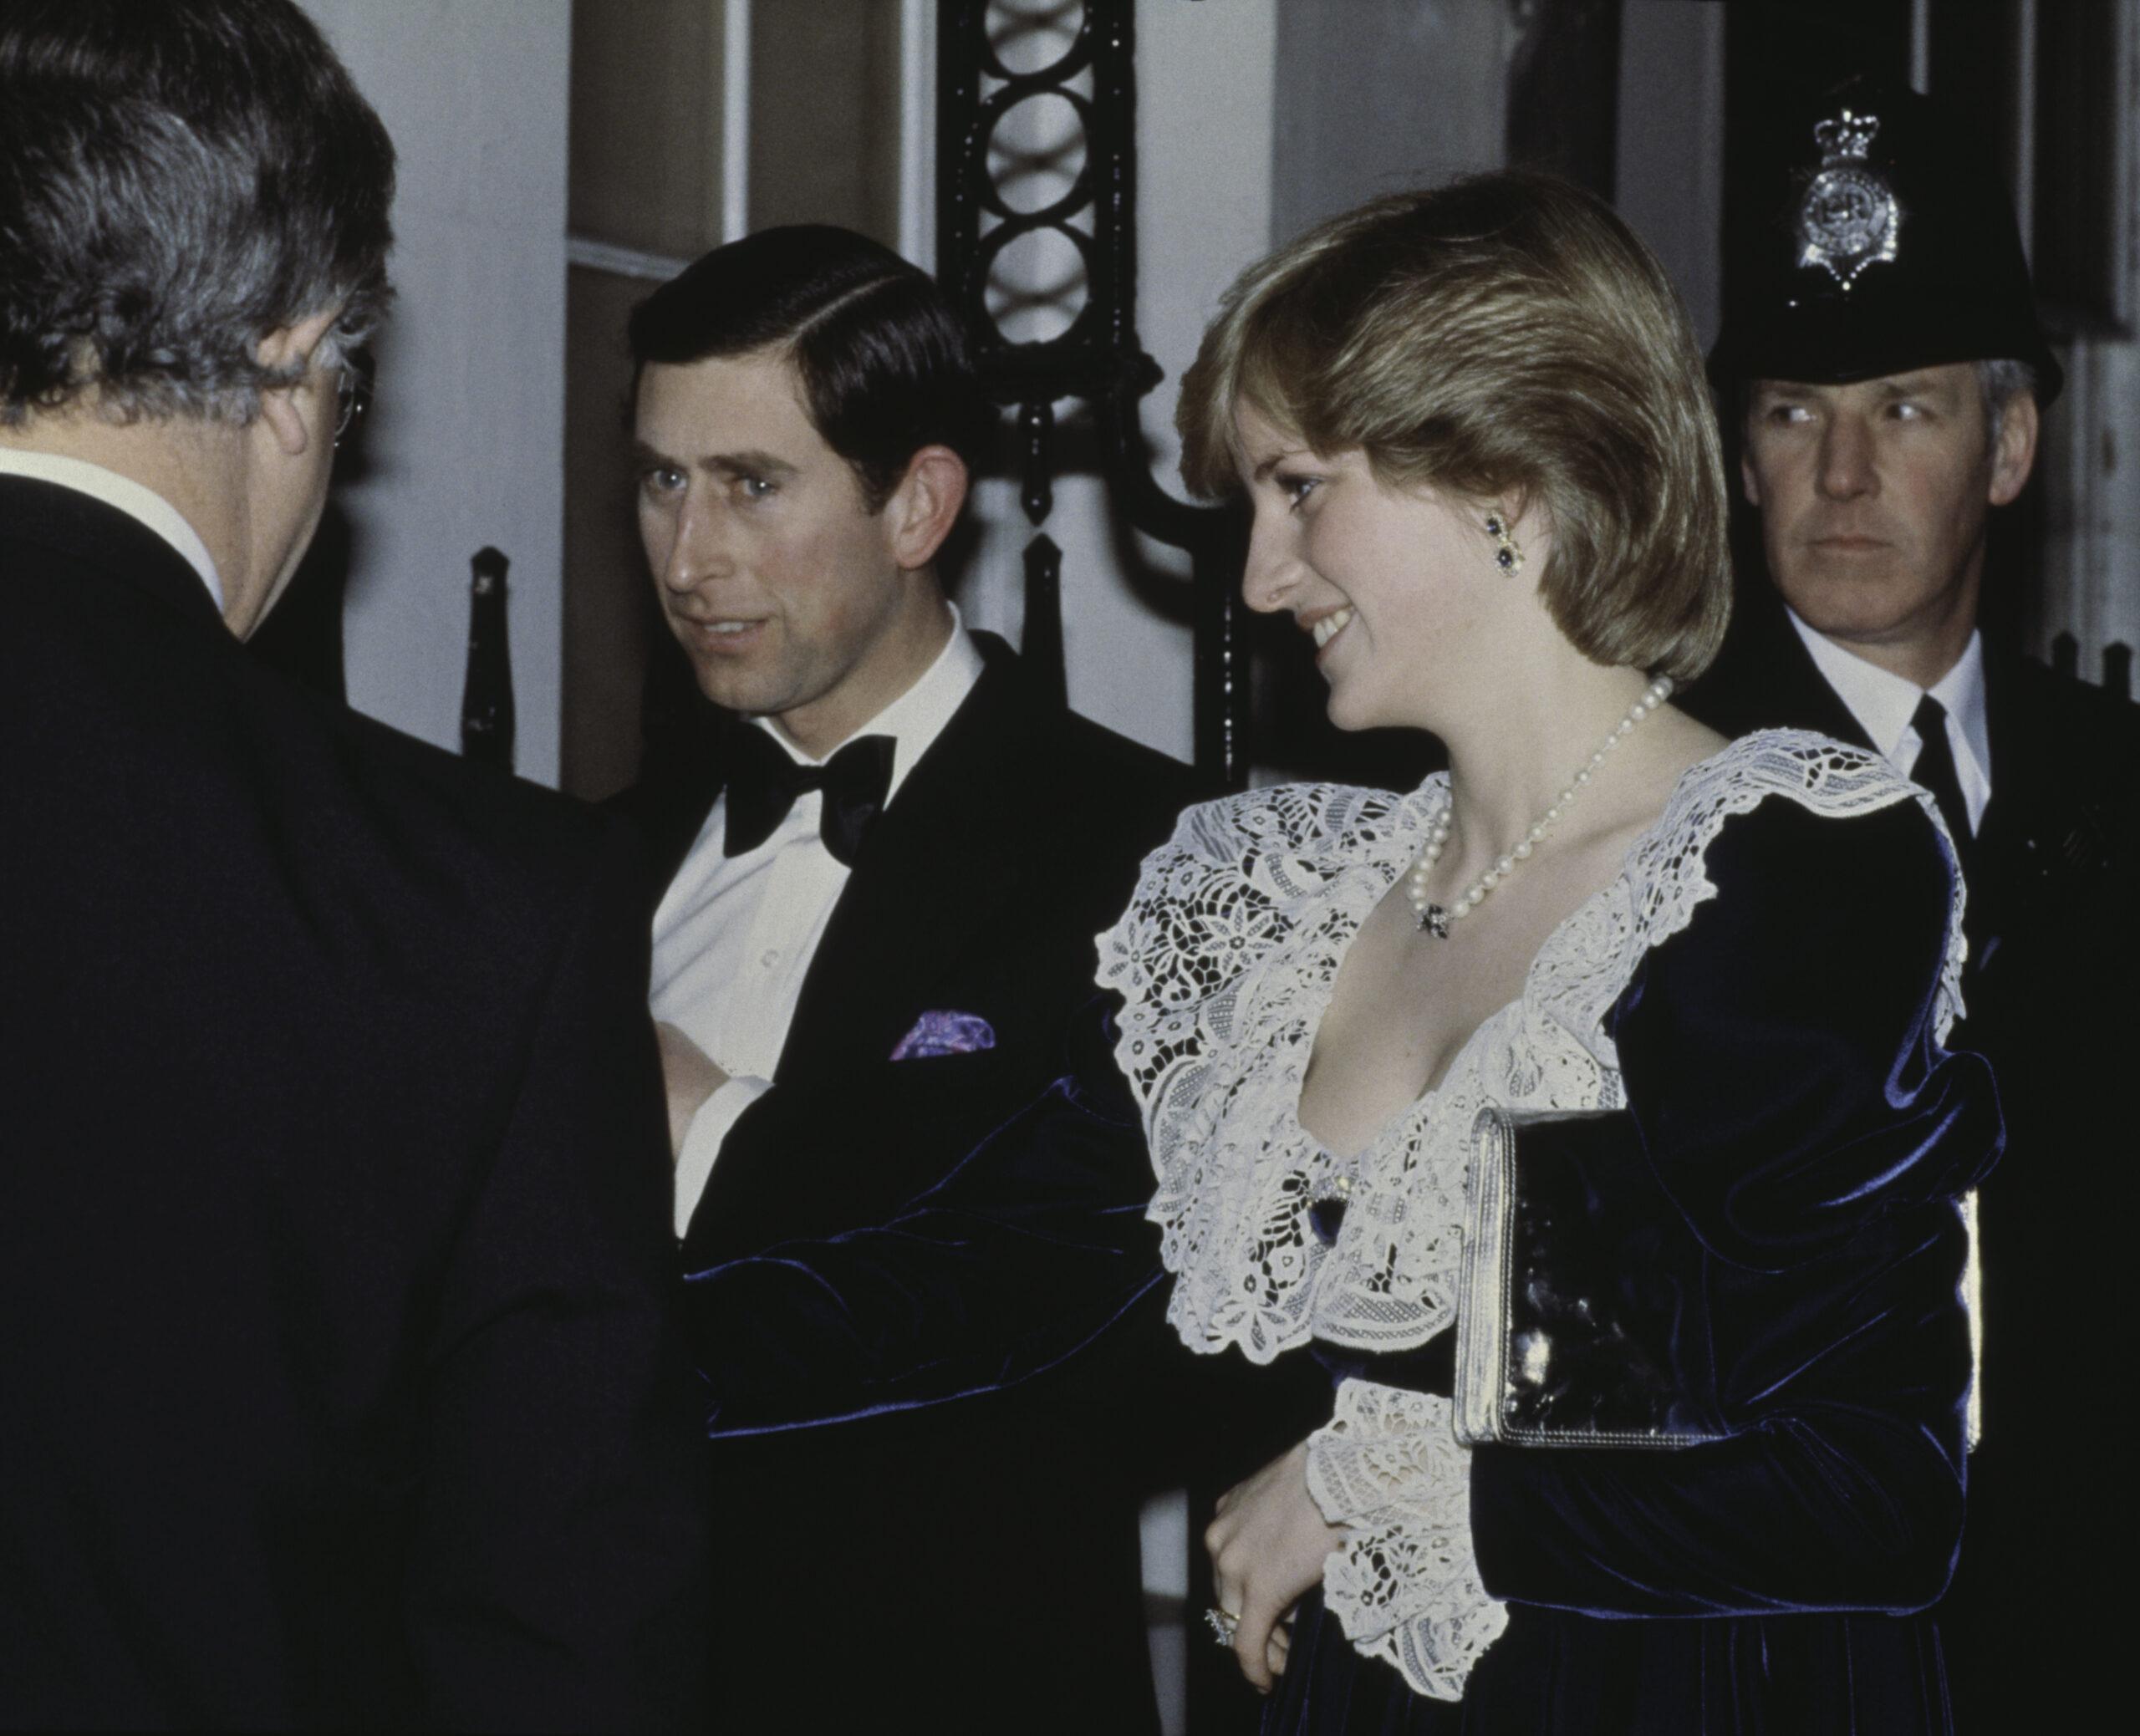 Prințesa Diana, purtând o rochie de catifea albastră, alături de prințul Charles